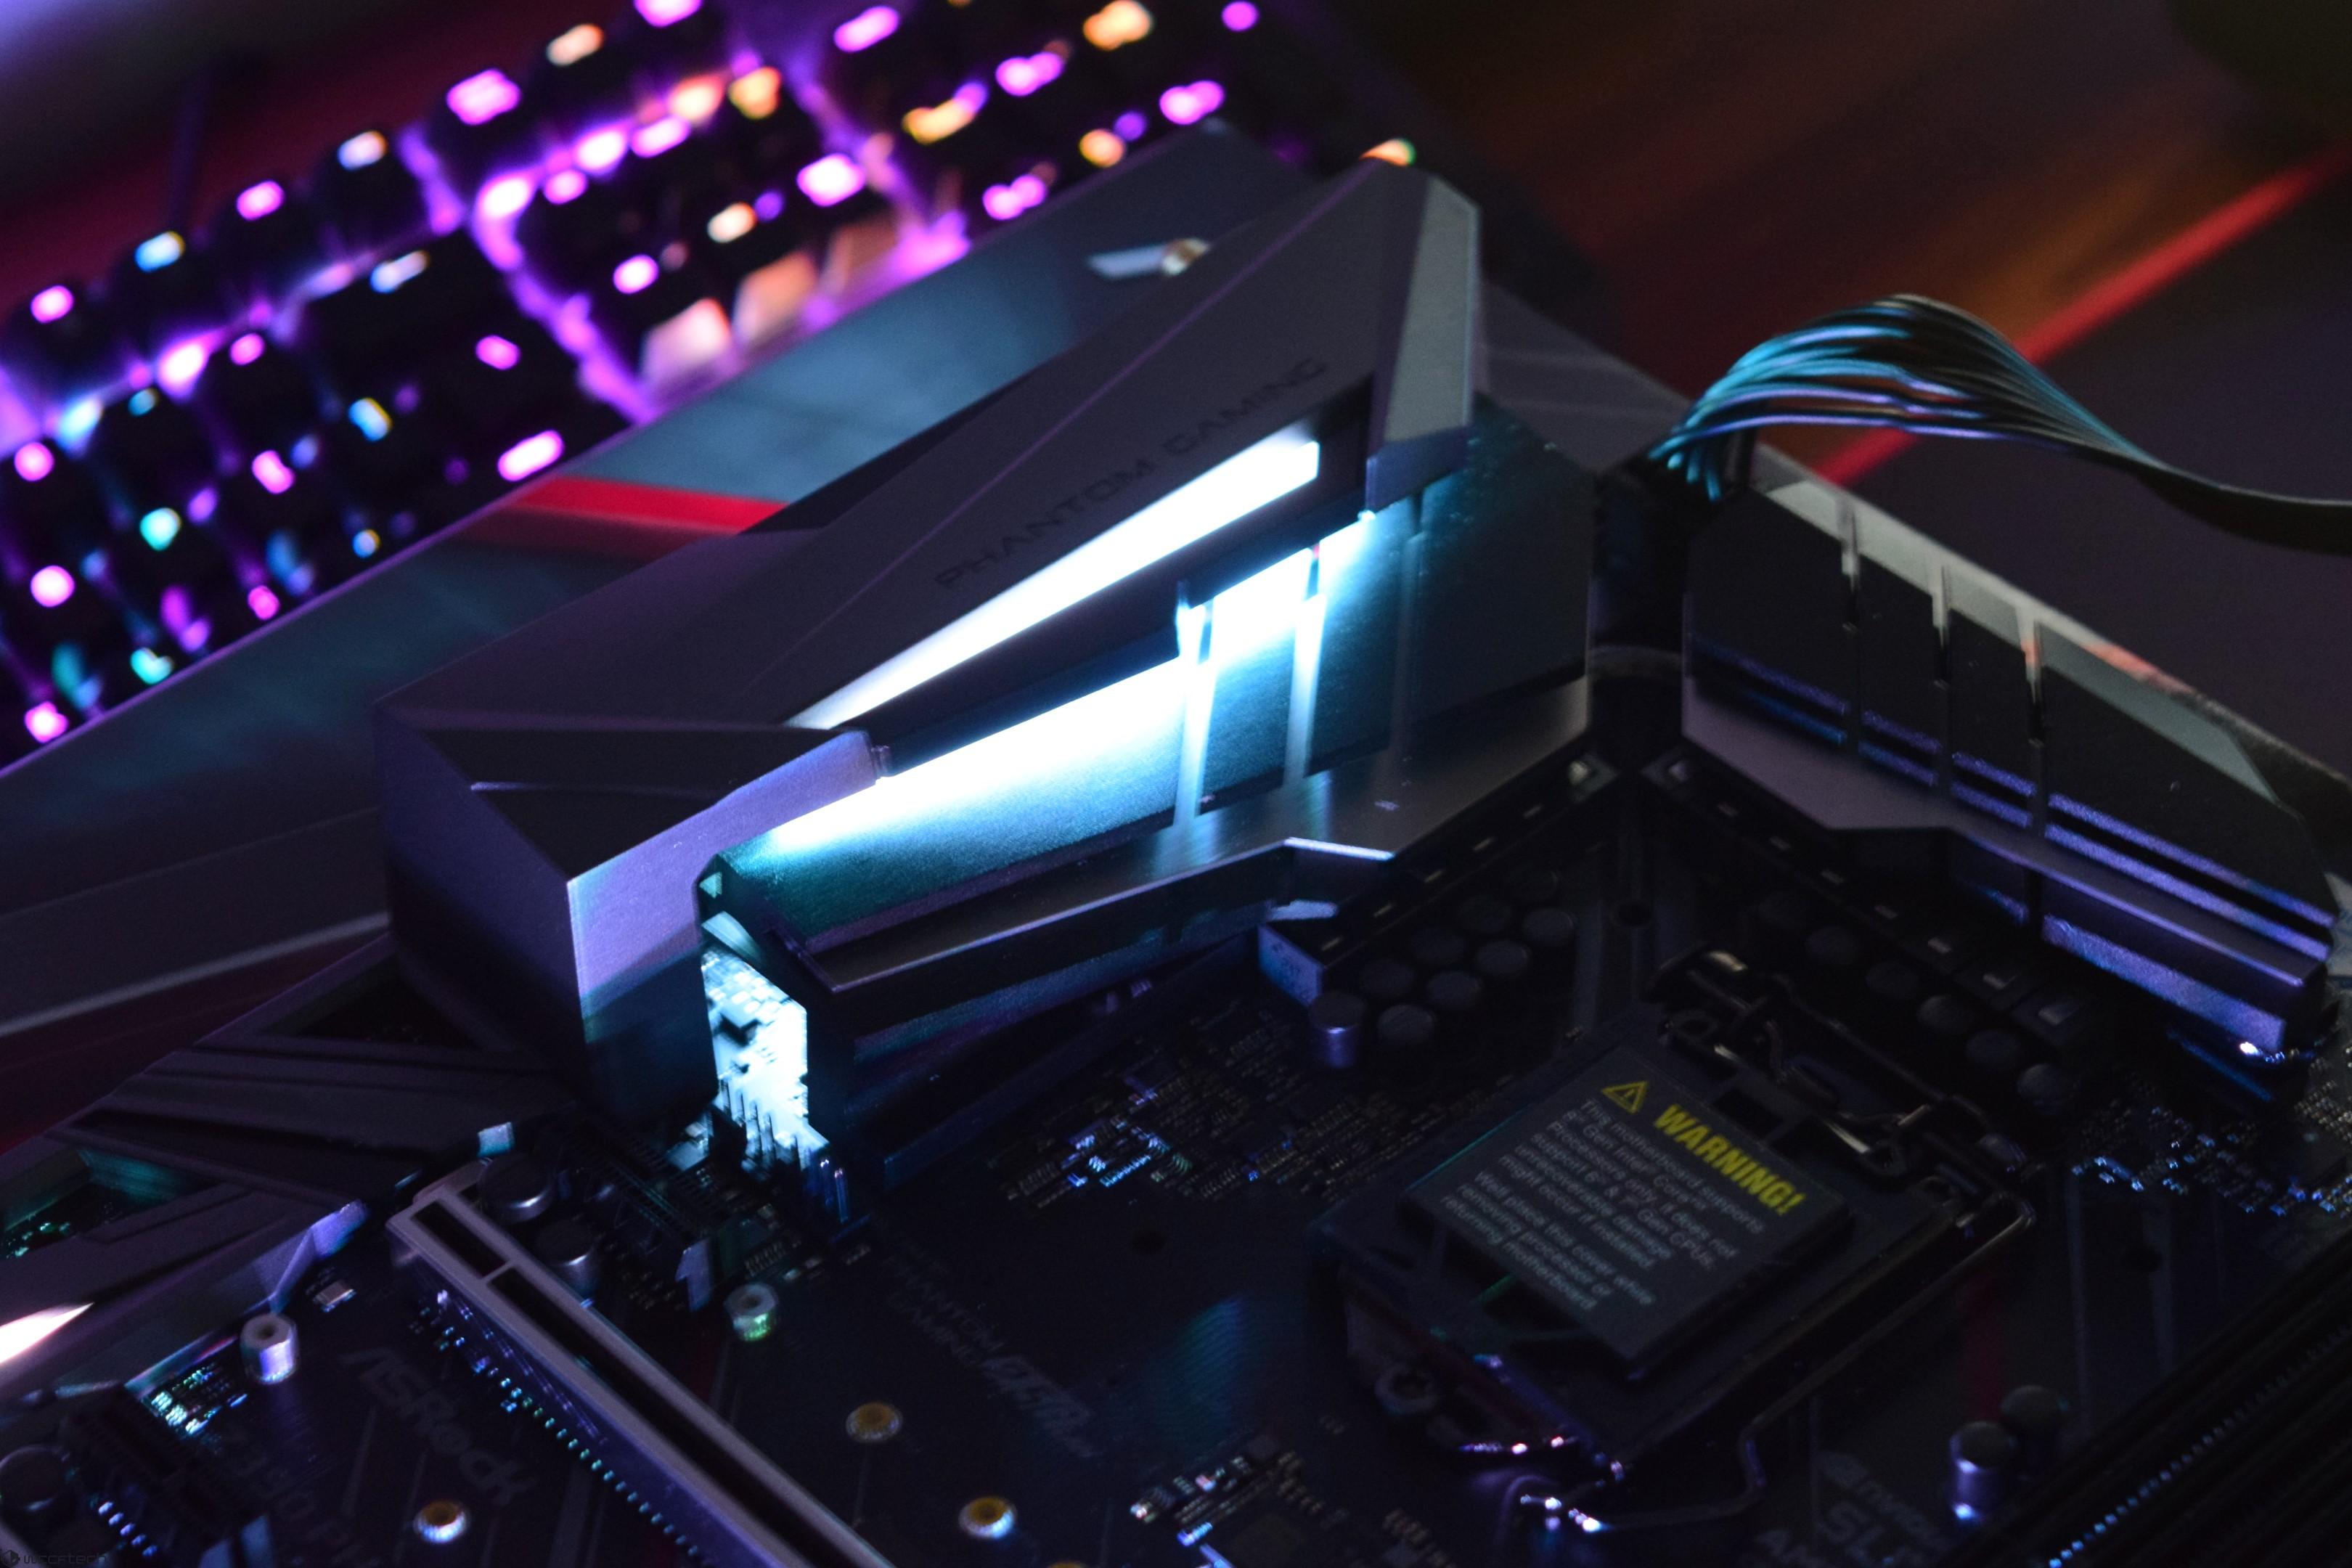 ASRock Z390 Phantom Gaming 9 Motherboard Review – Phantom Gaming